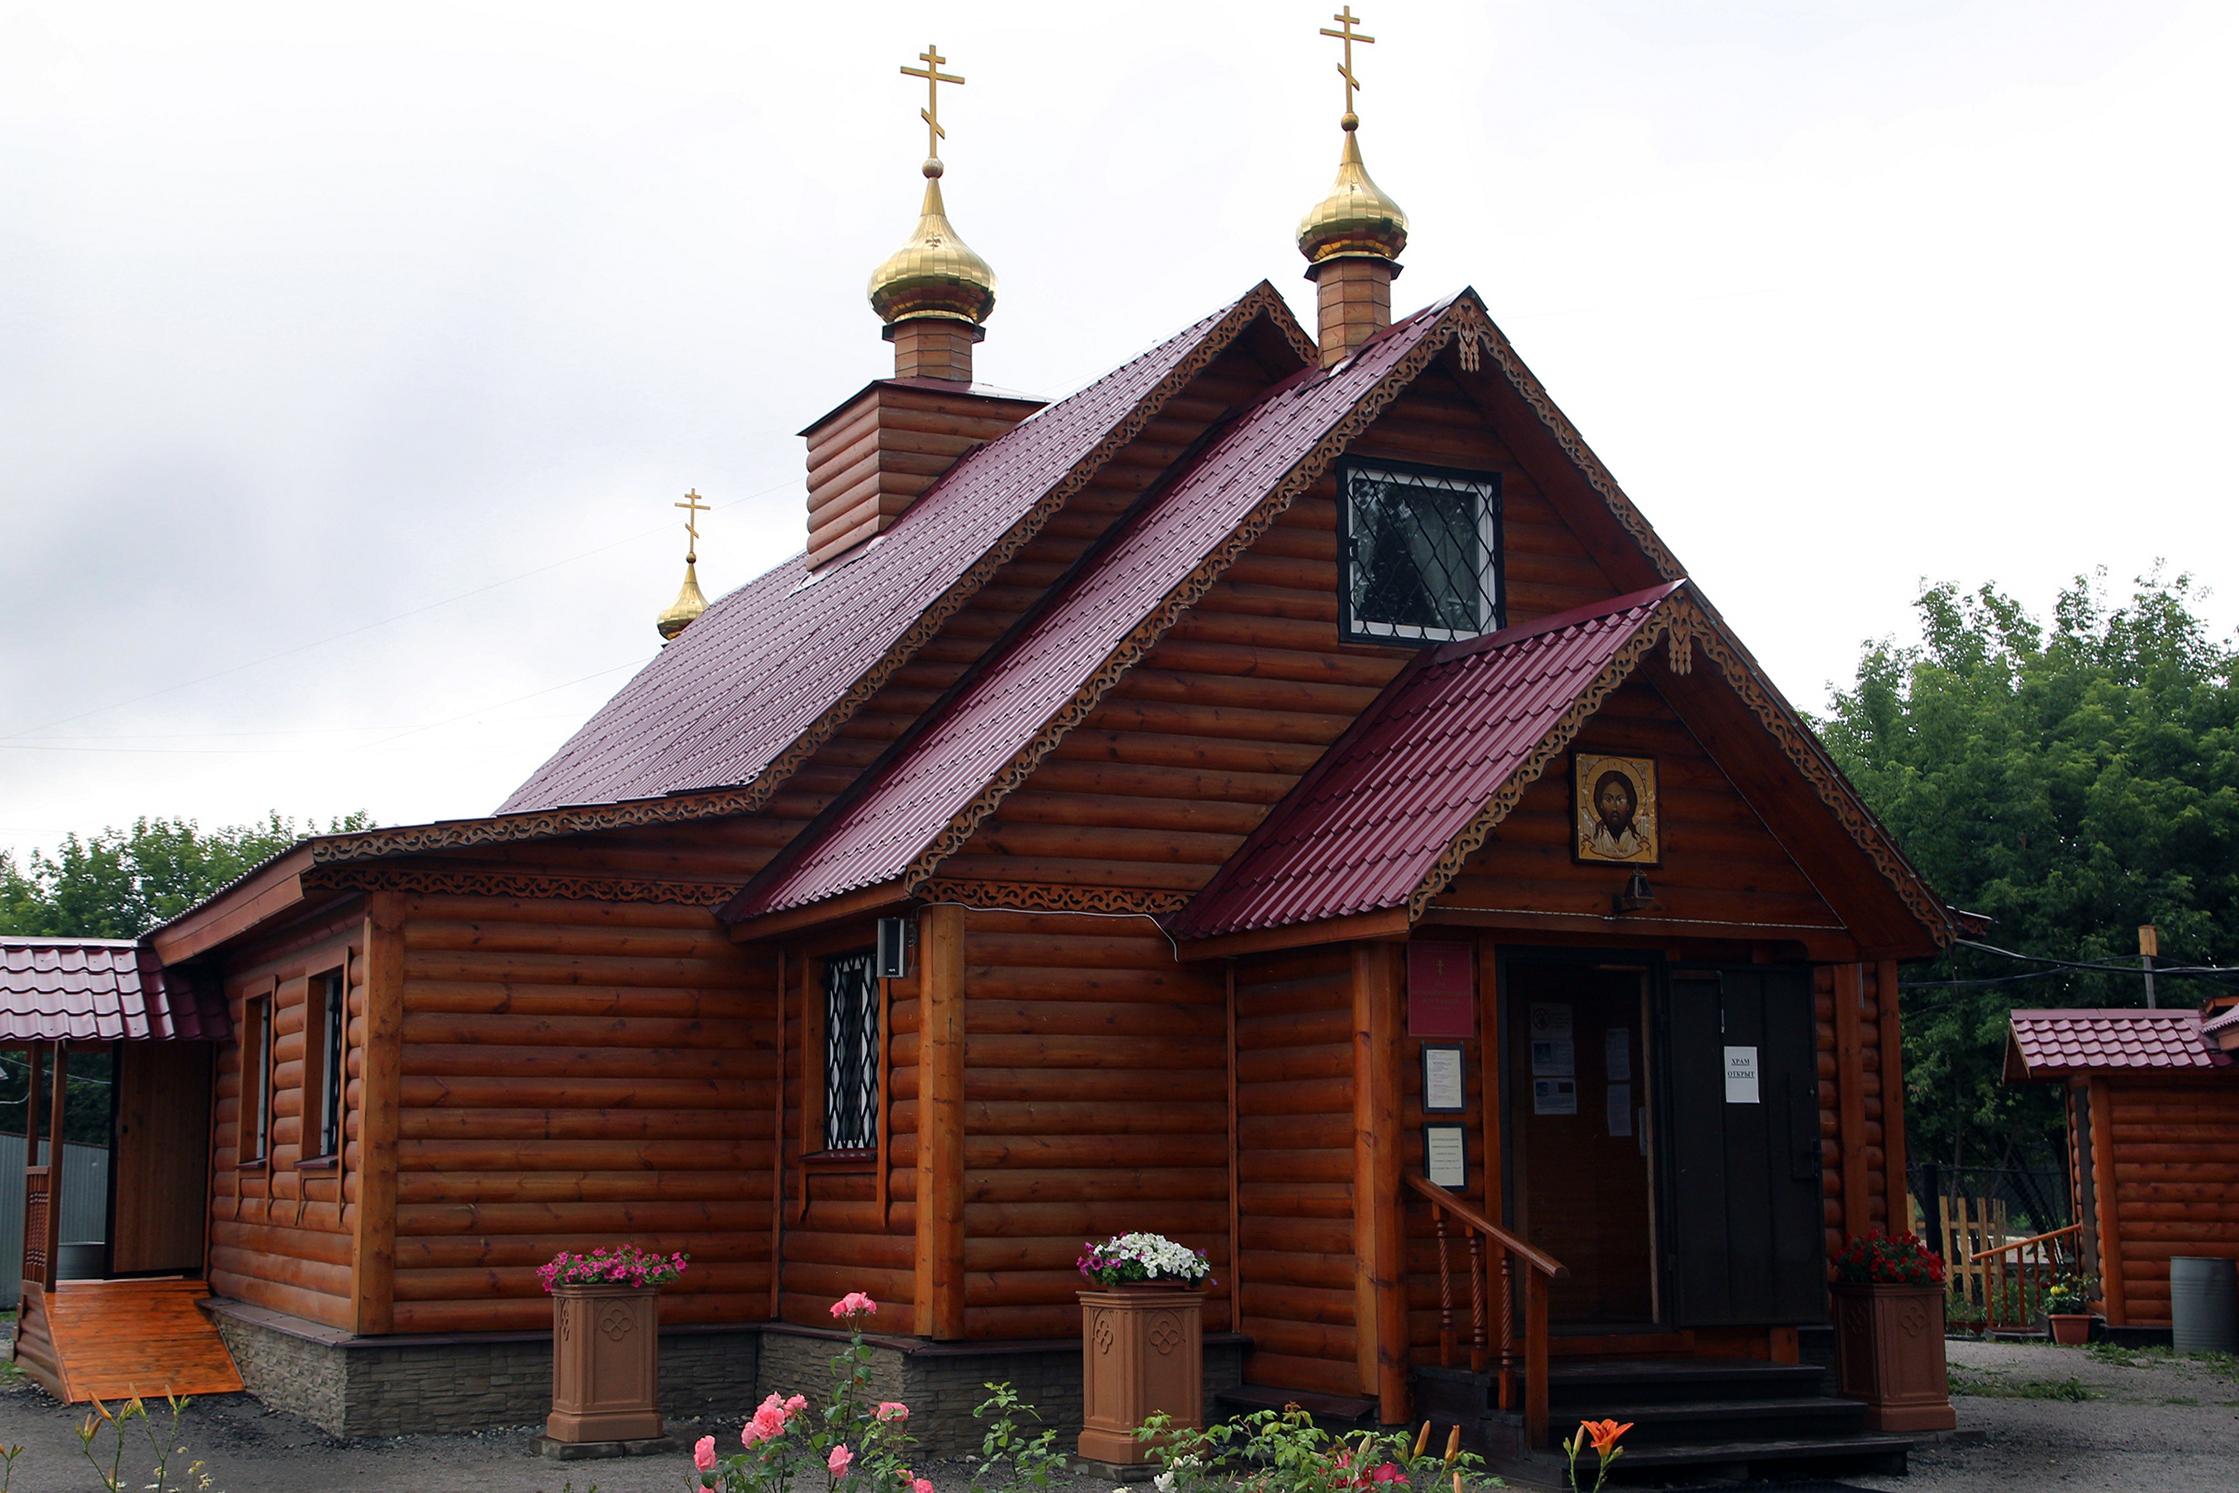 8 июля епископ Воскресенский Савва посетил Патриаршее подворье — храм свв. блгвв. Петра и Февронии Муромских в Марьине